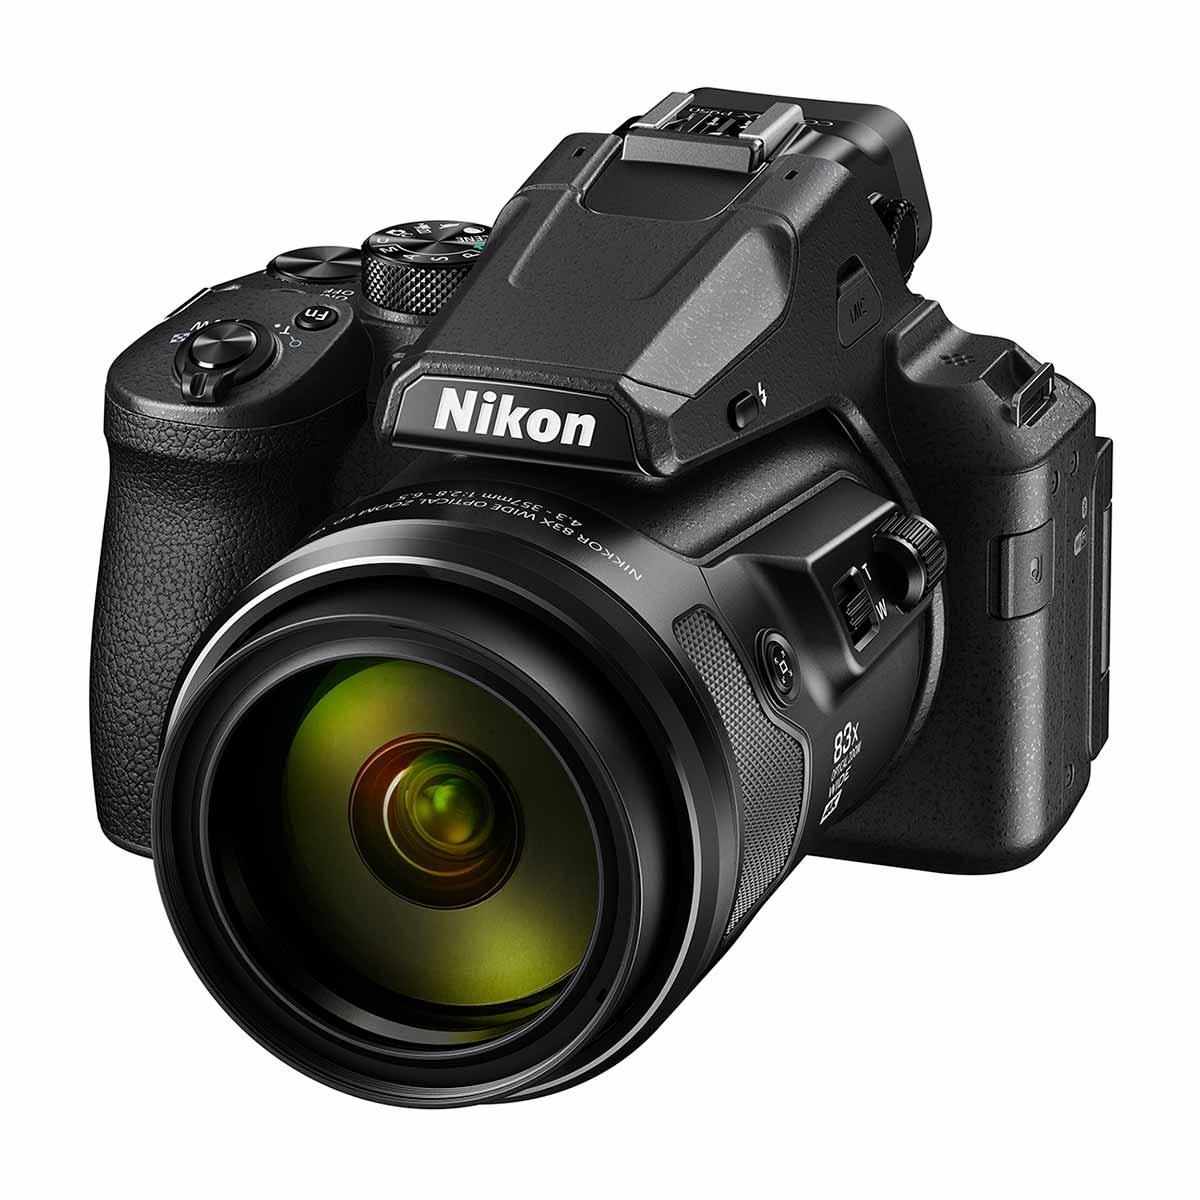 【今週発売の注目製品】ニコンから、光学83倍ズームカメラ「COOLPIX P950」が登場